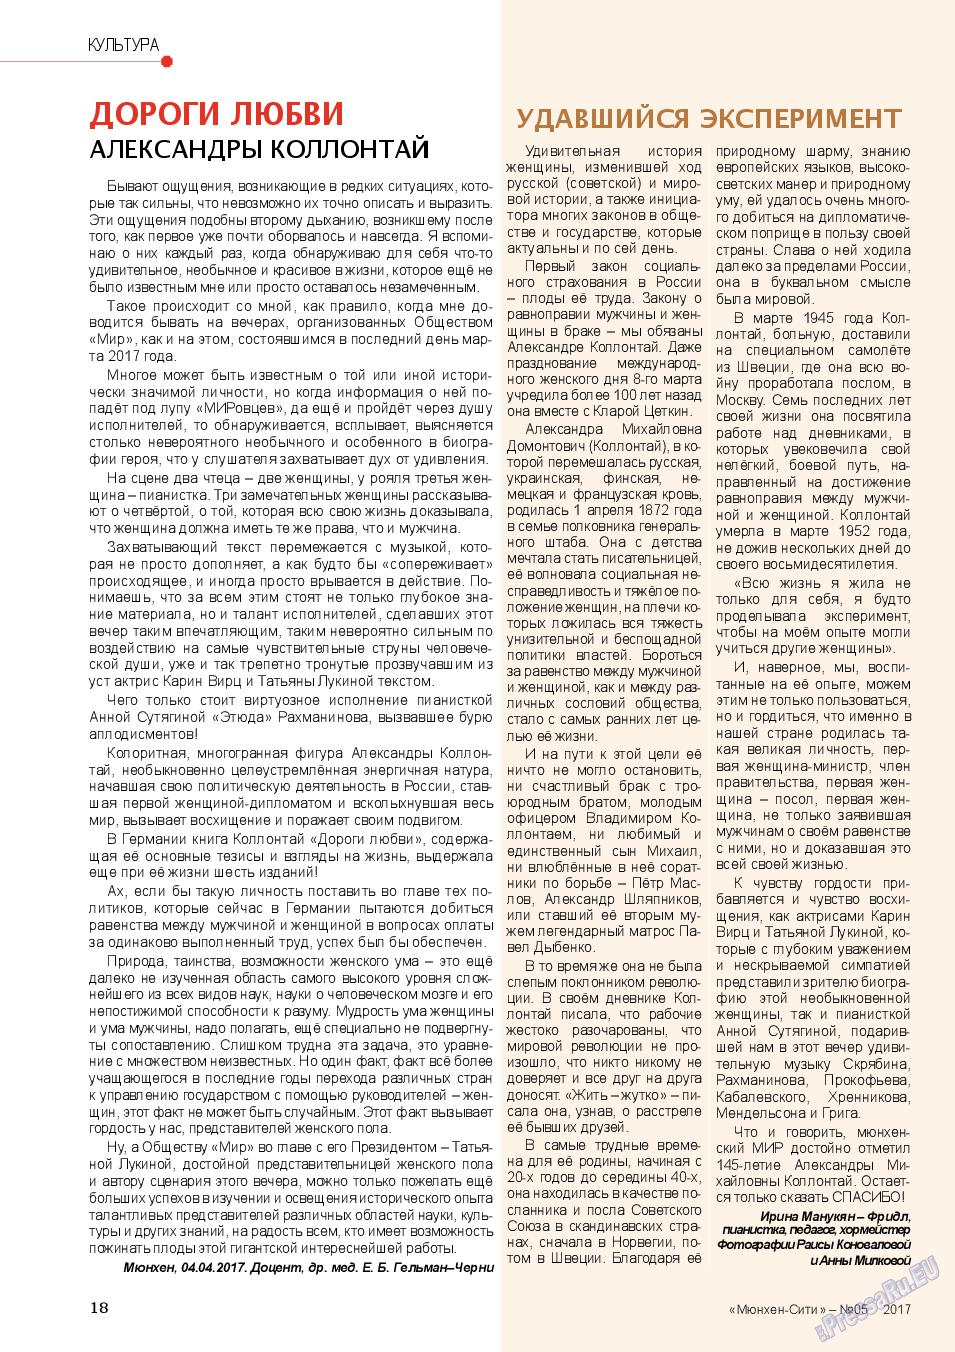 Мюнхен-сити (журнал). 2017 год, номер 5, стр. 18